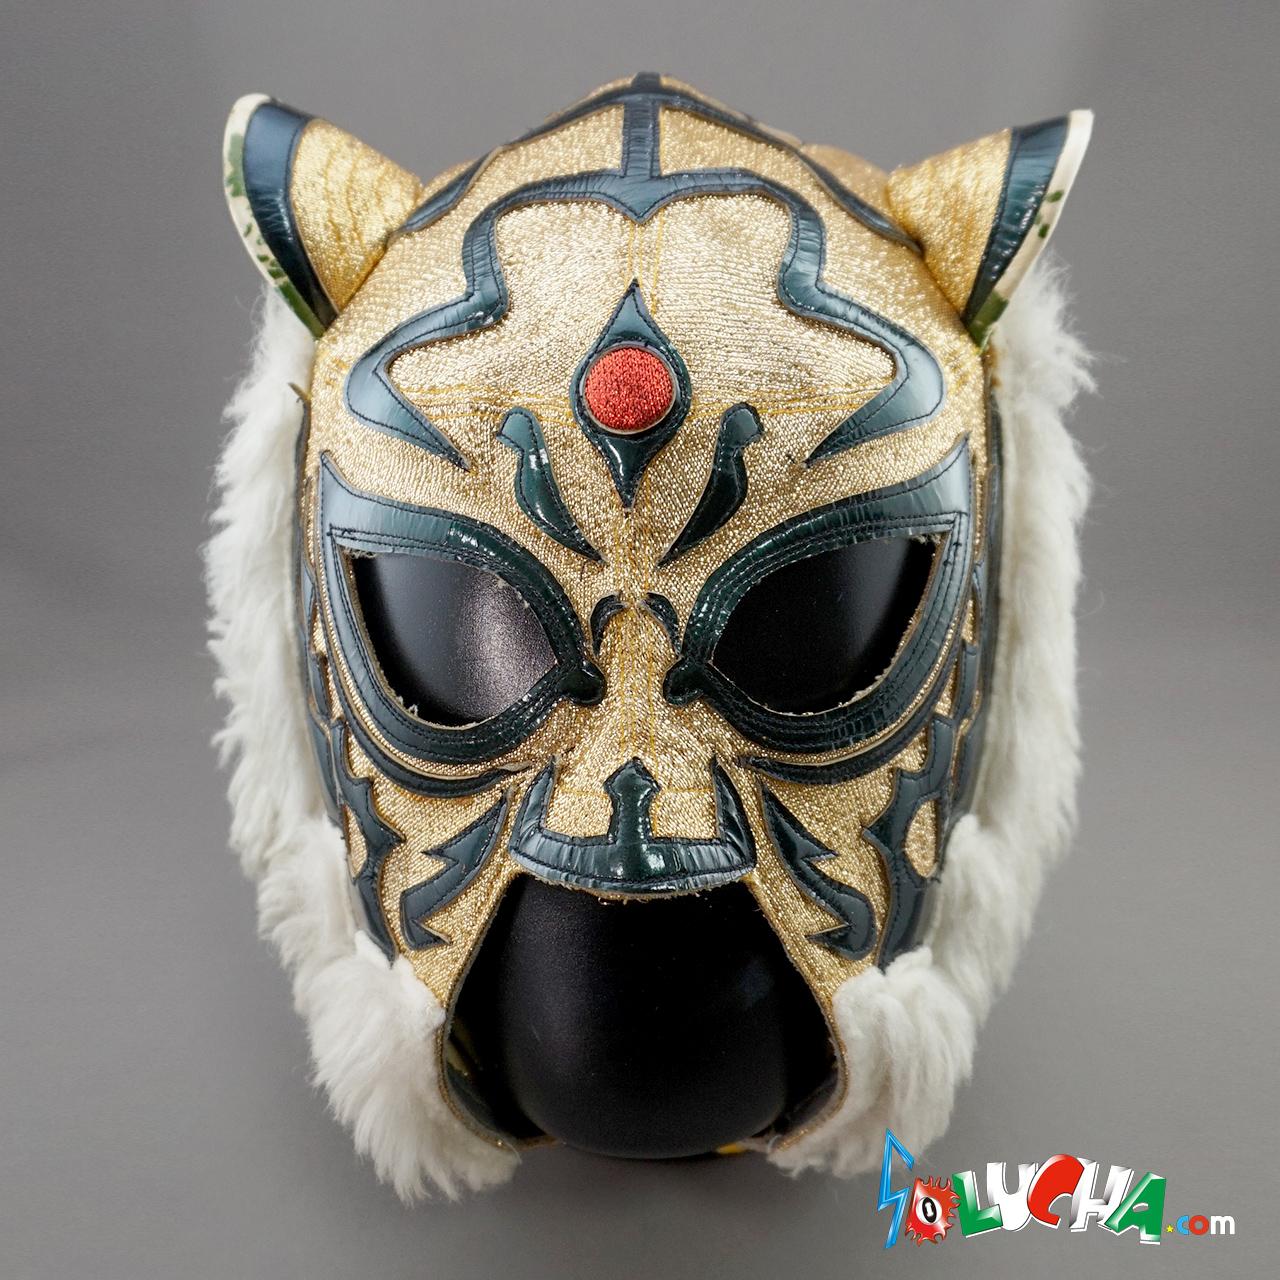 タイガーマスクの画像 p1_27